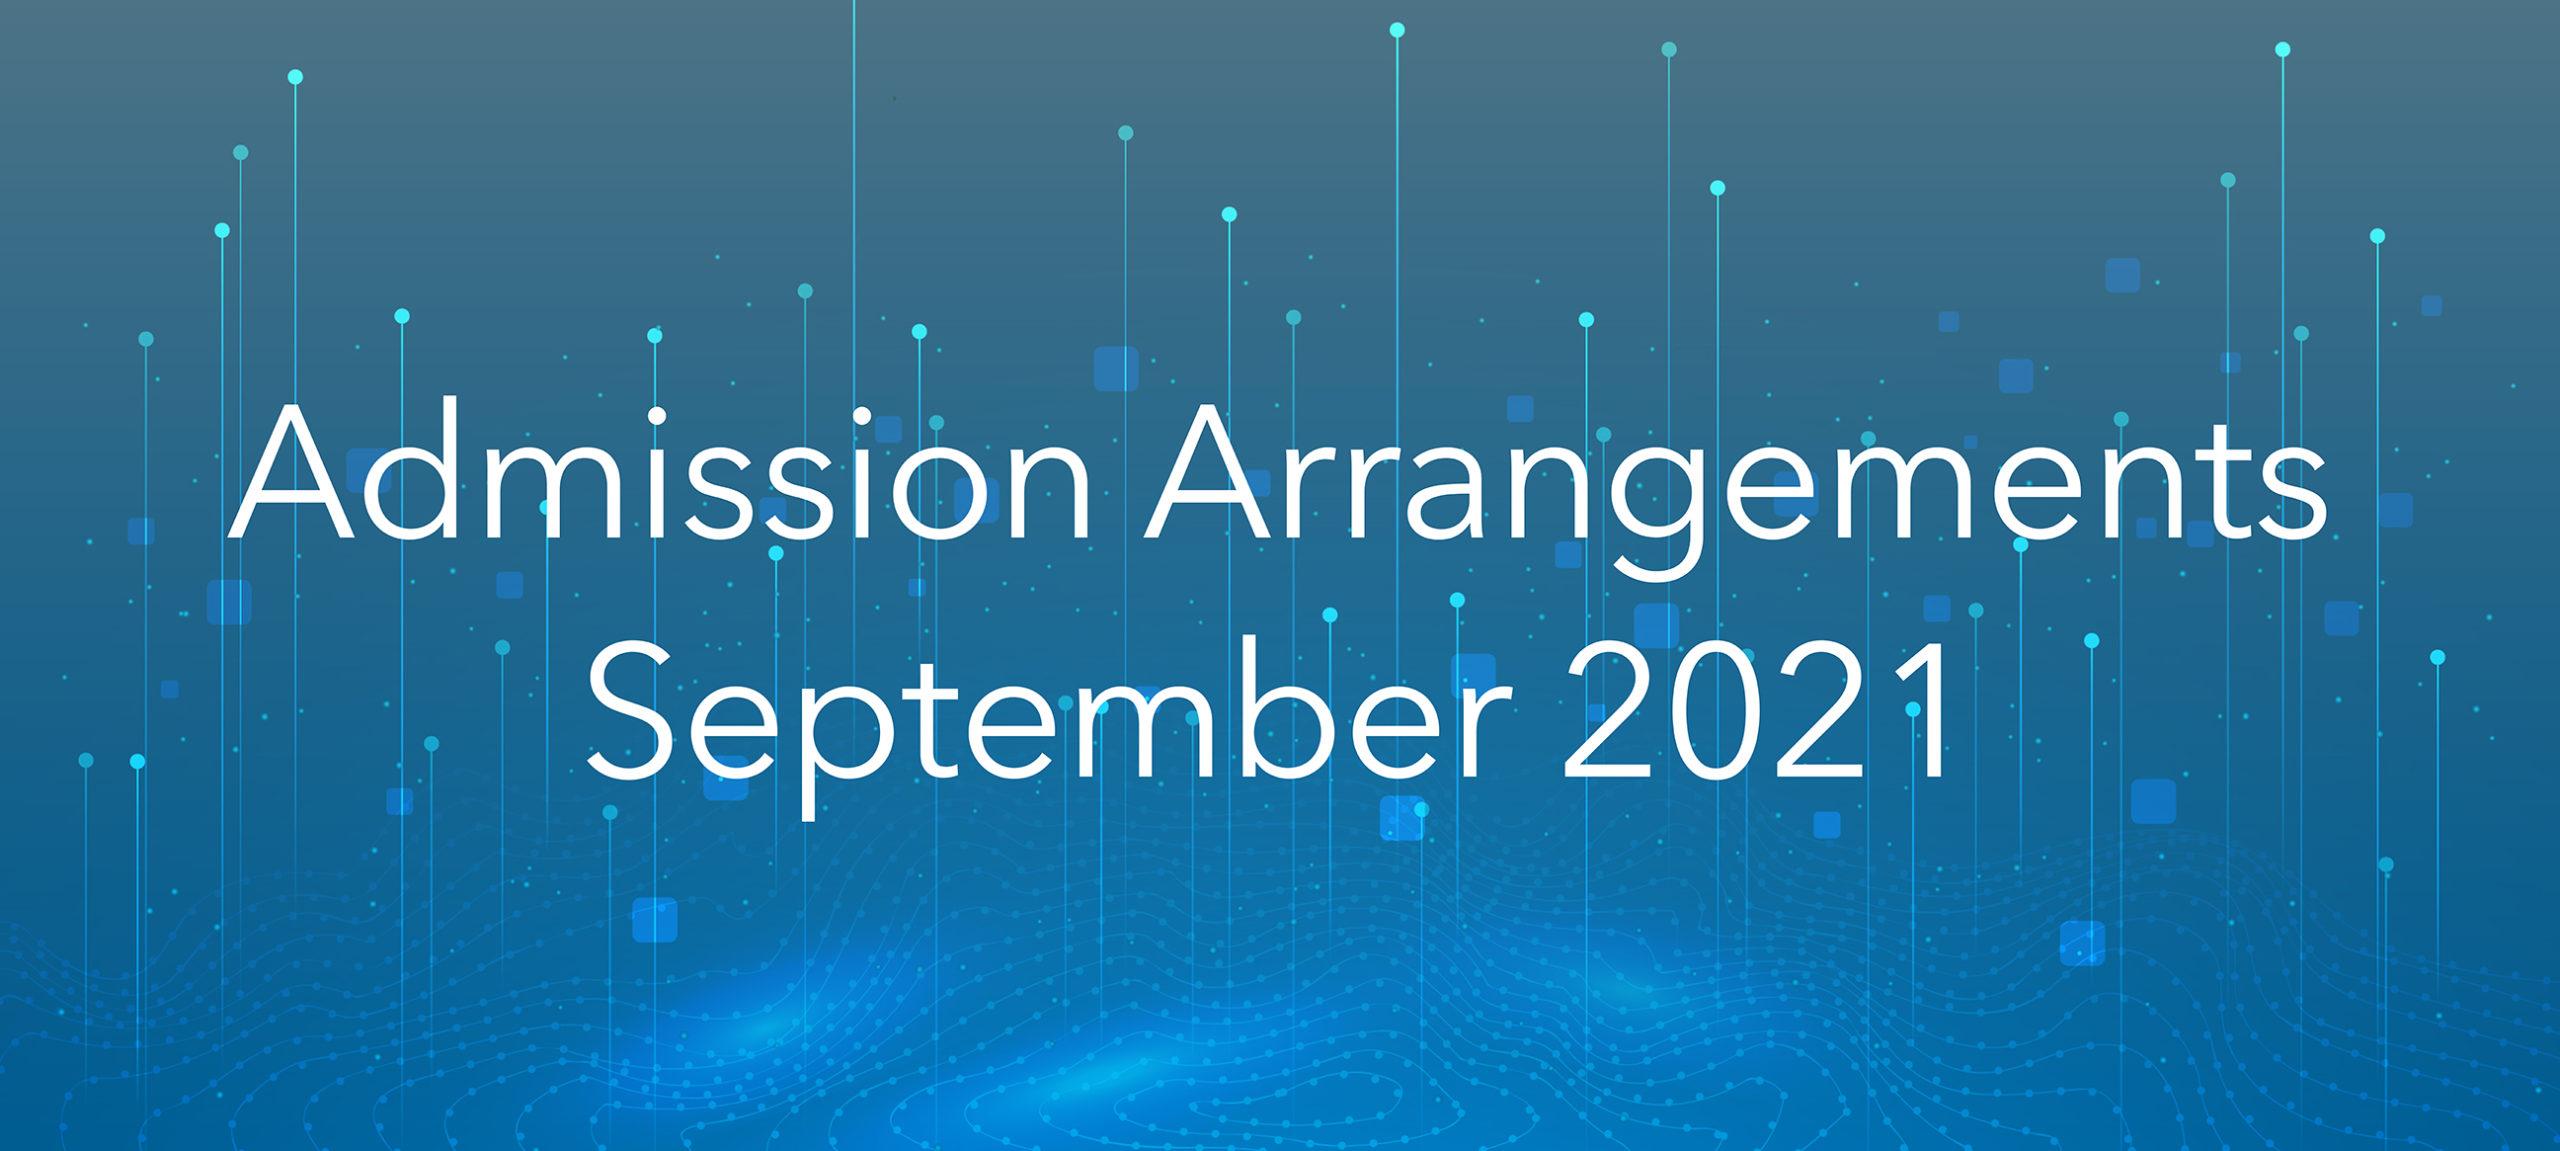 Admission Arrangements, September 2021